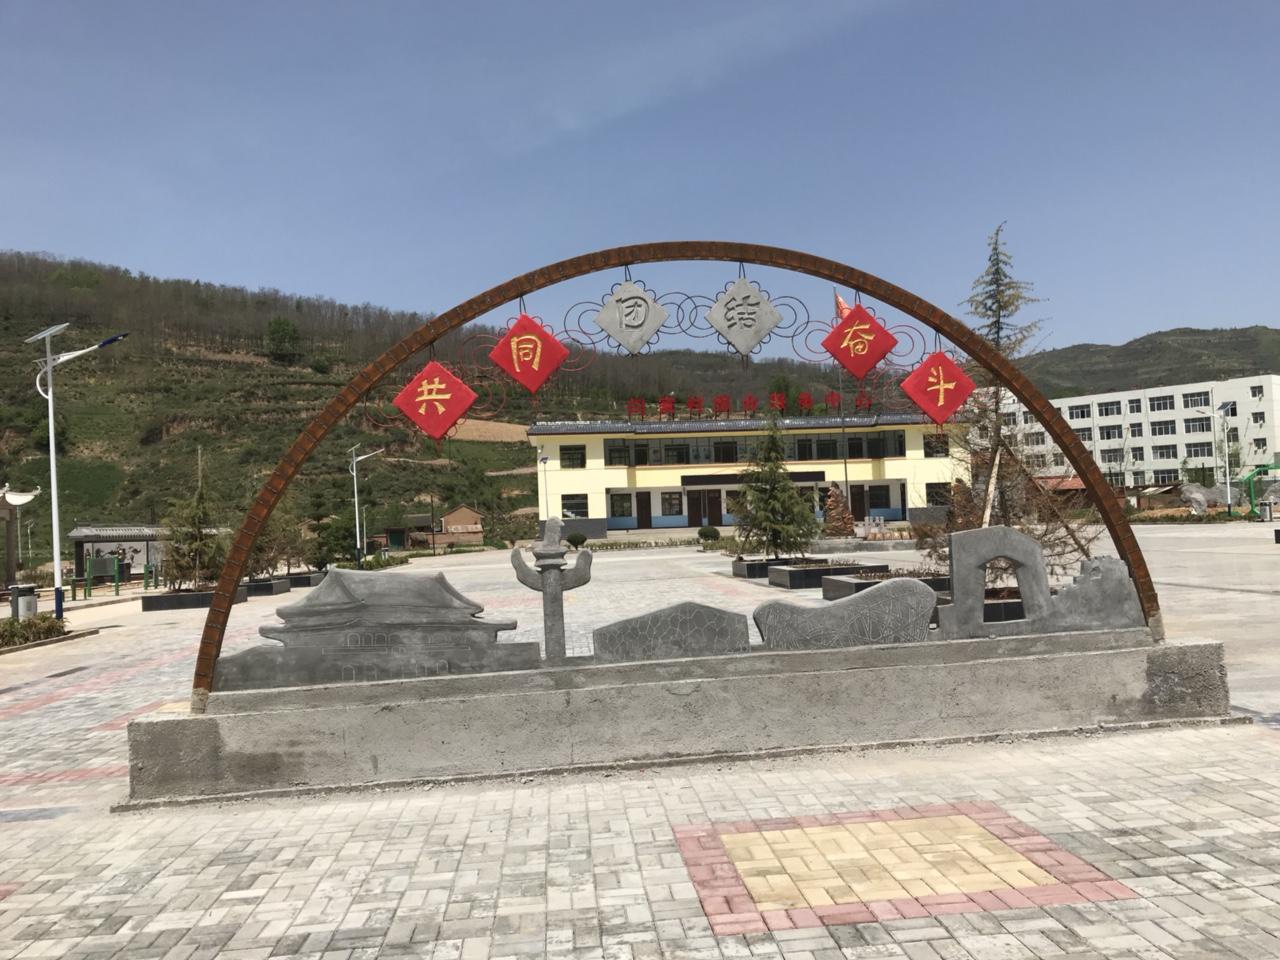 【文化惠民】闫家村综合文化服务中心修的真气派,老百姓夸赞广场宽展很